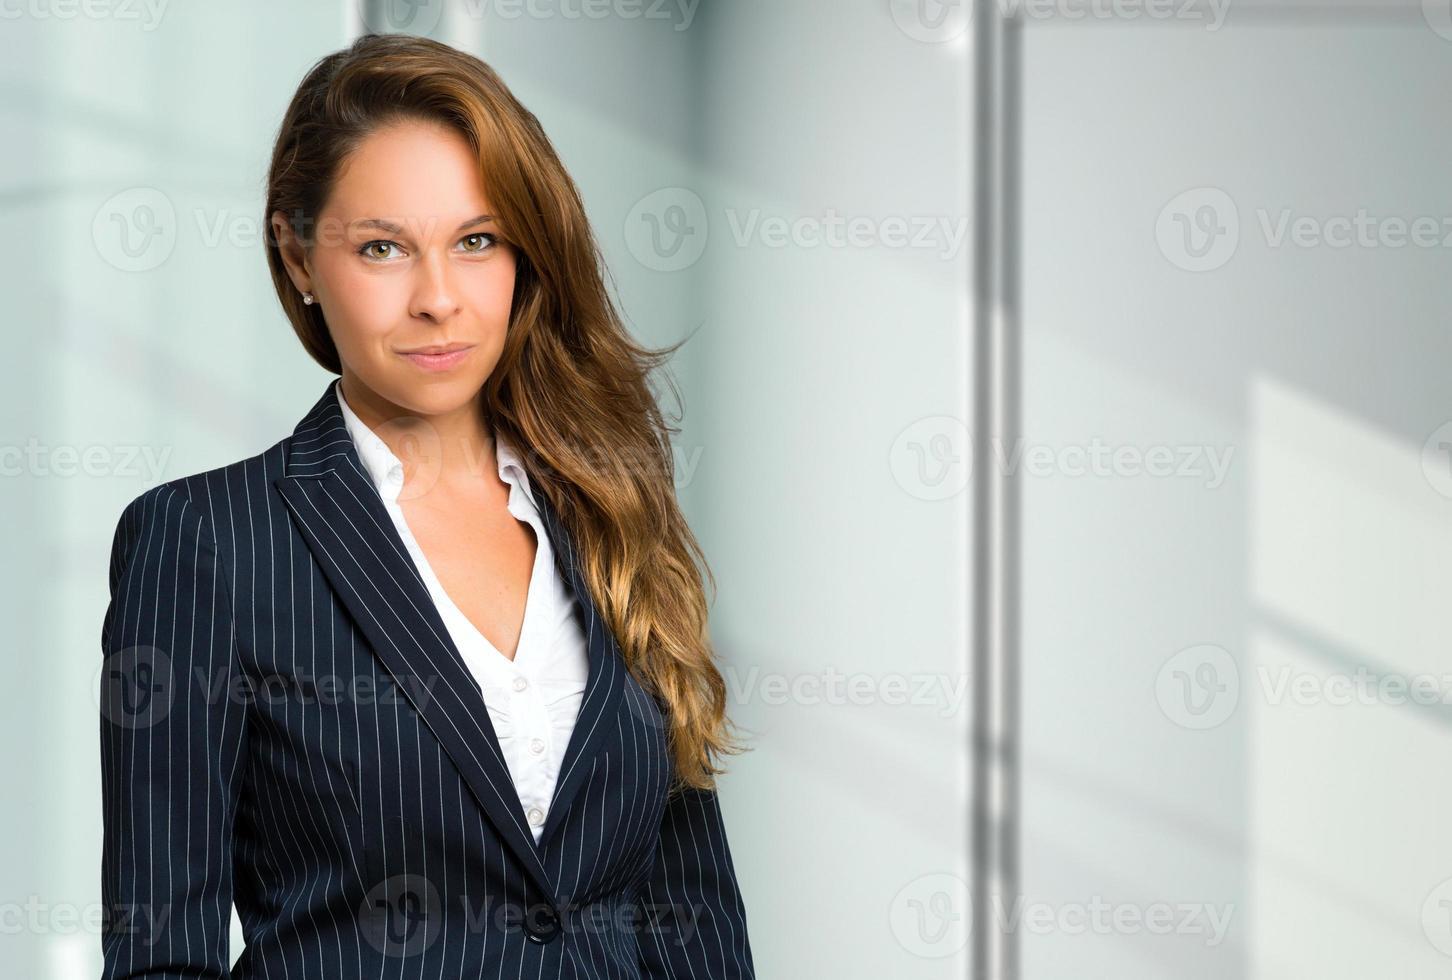 ritratto biondo della donna di affari foto